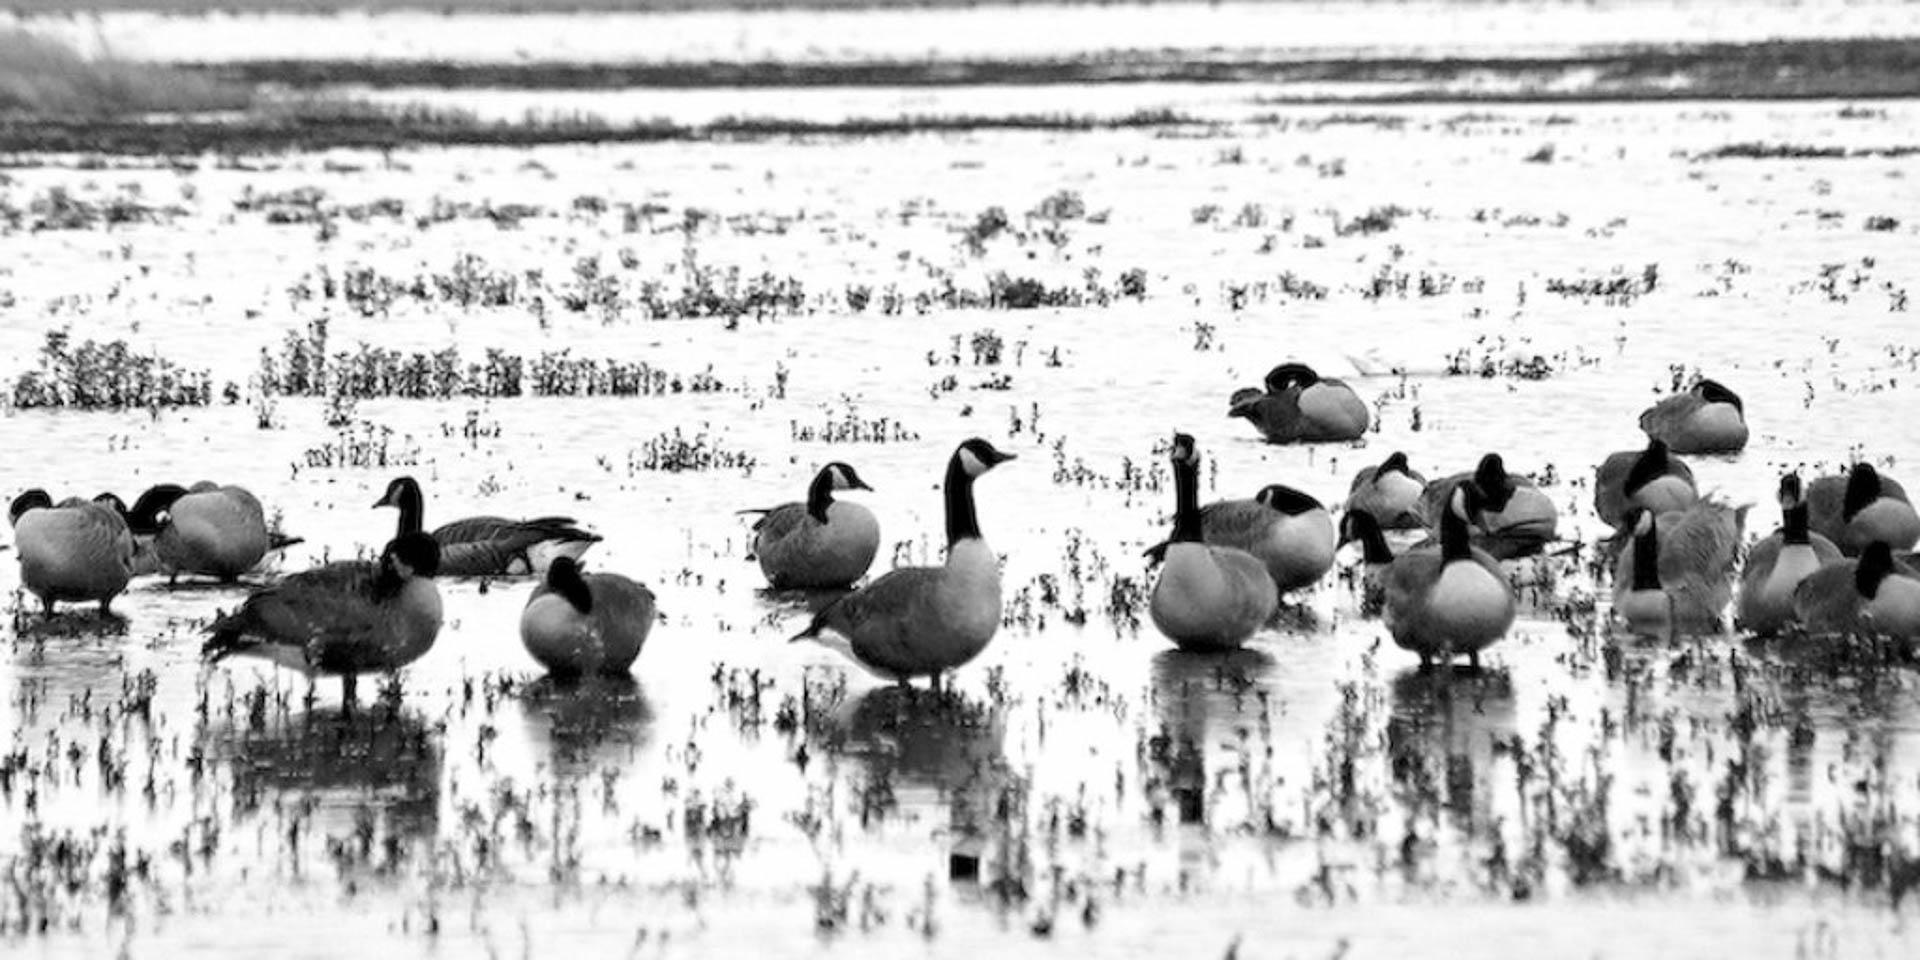 huddled-geese-2.jpg